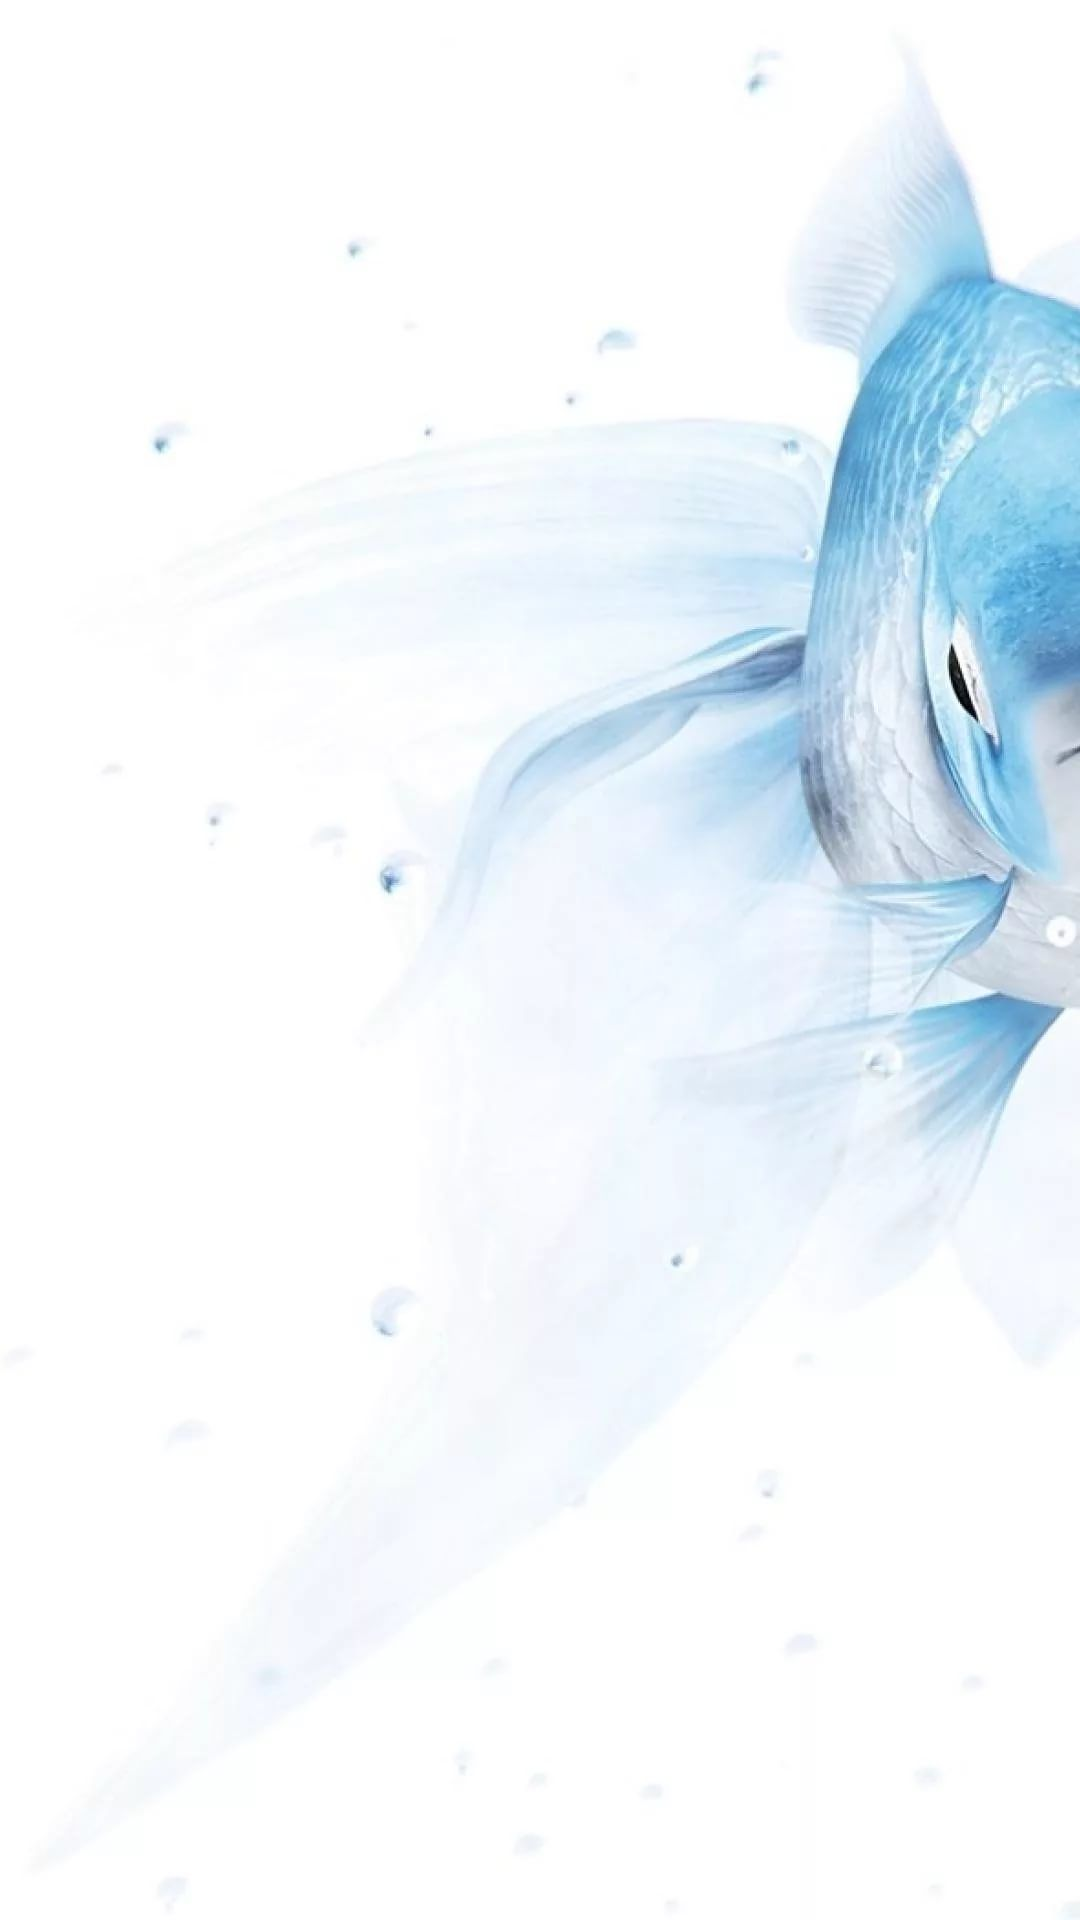 White iOS 10 wallpaper